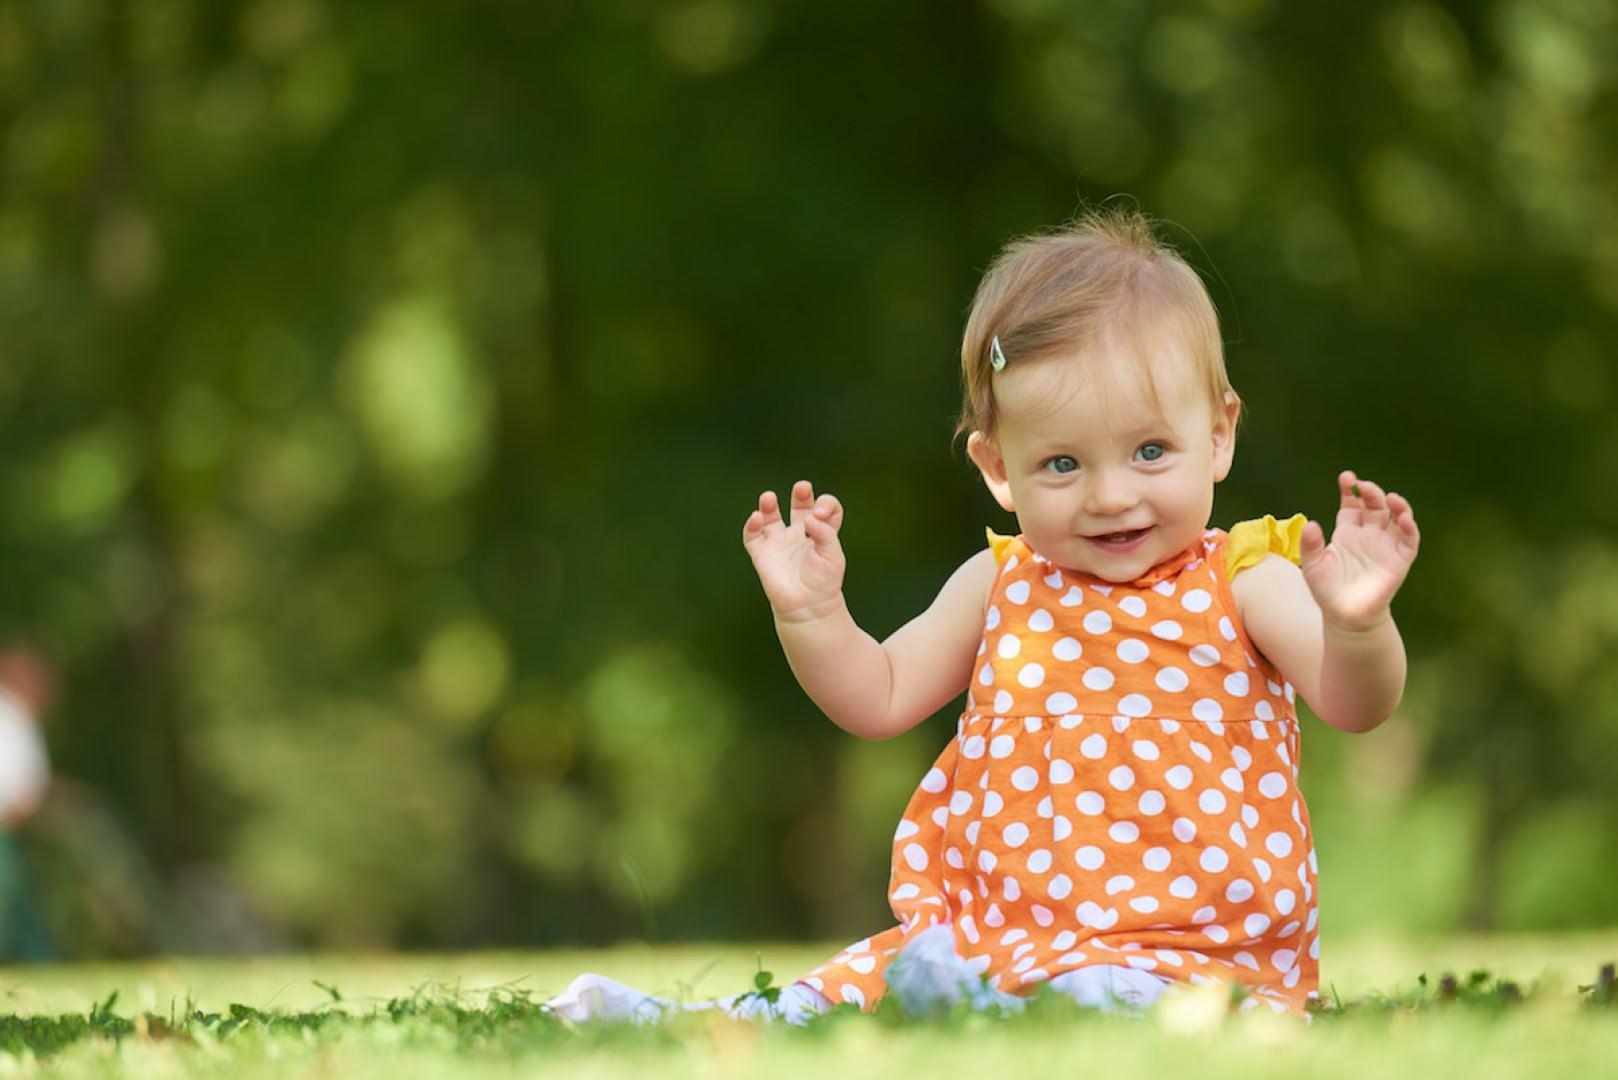 symptoms of celiac disease in babies